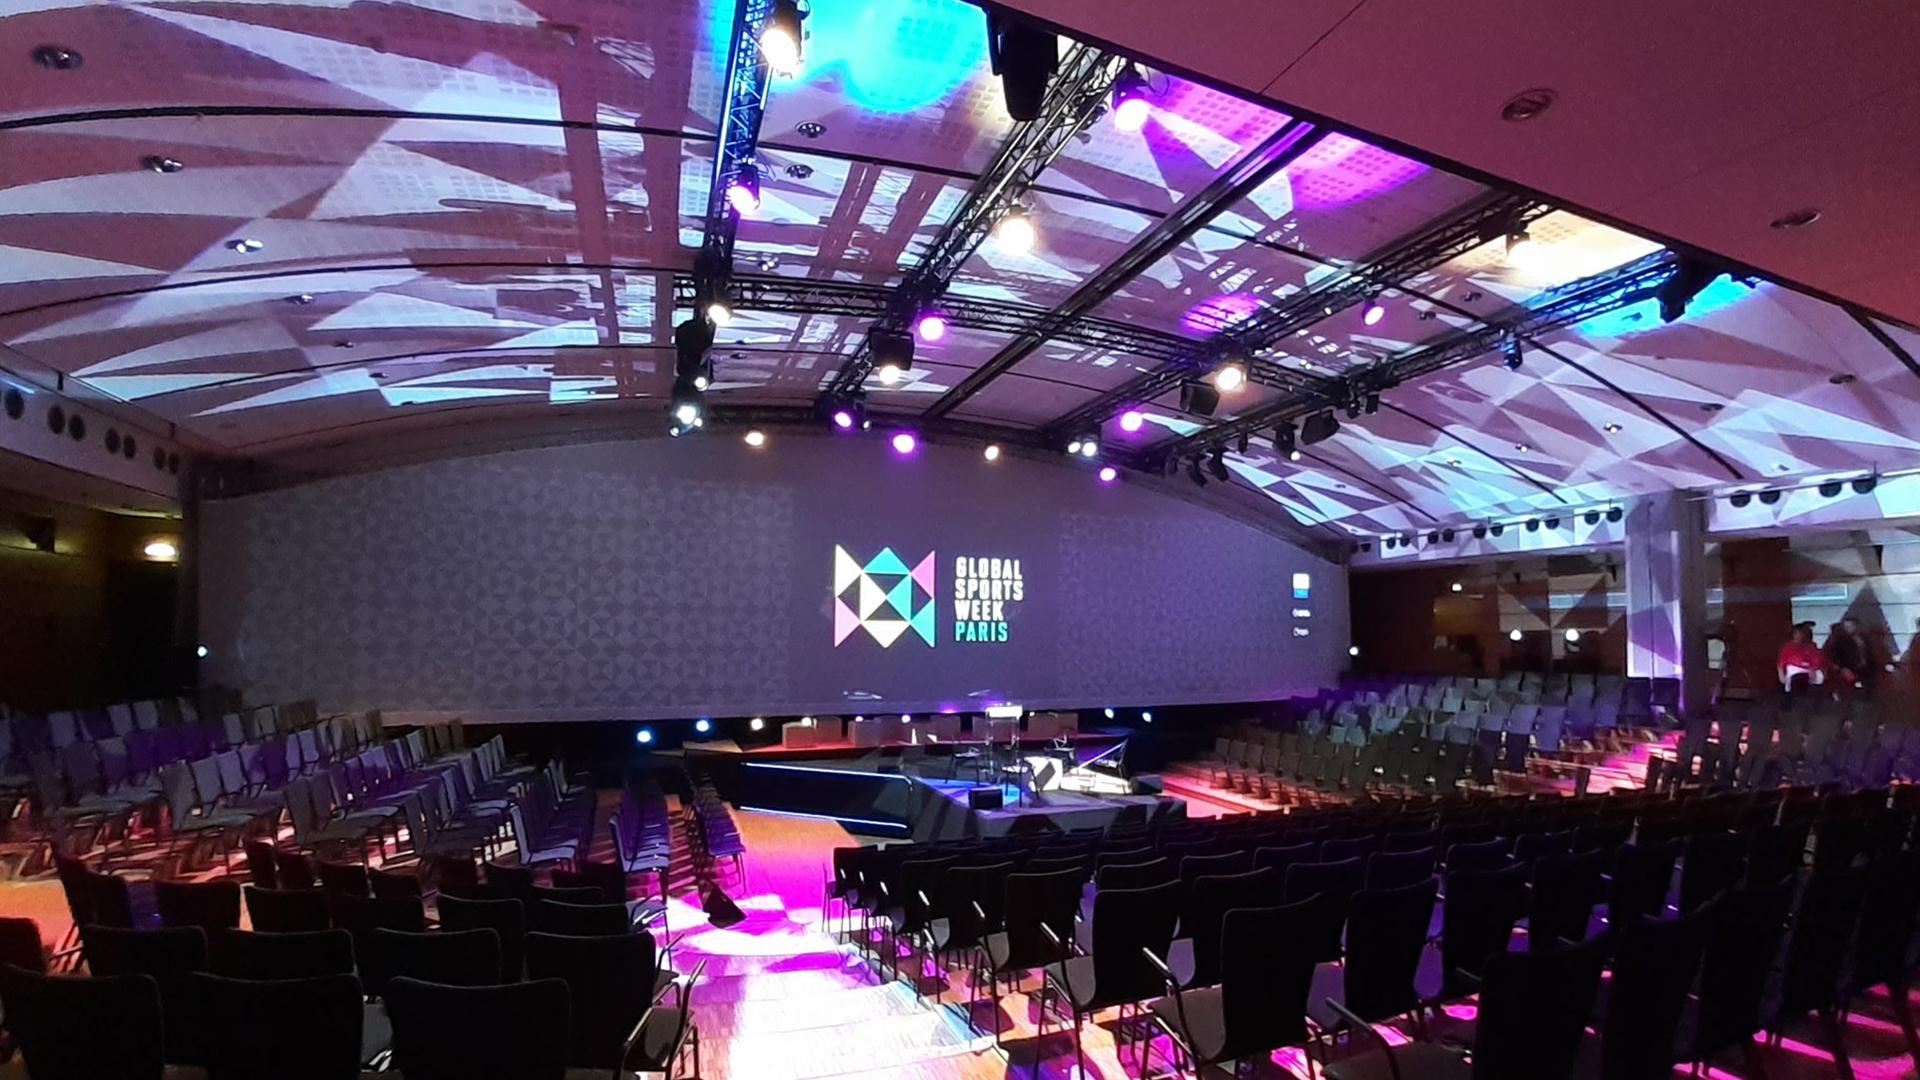 Global sport week Paris 2020